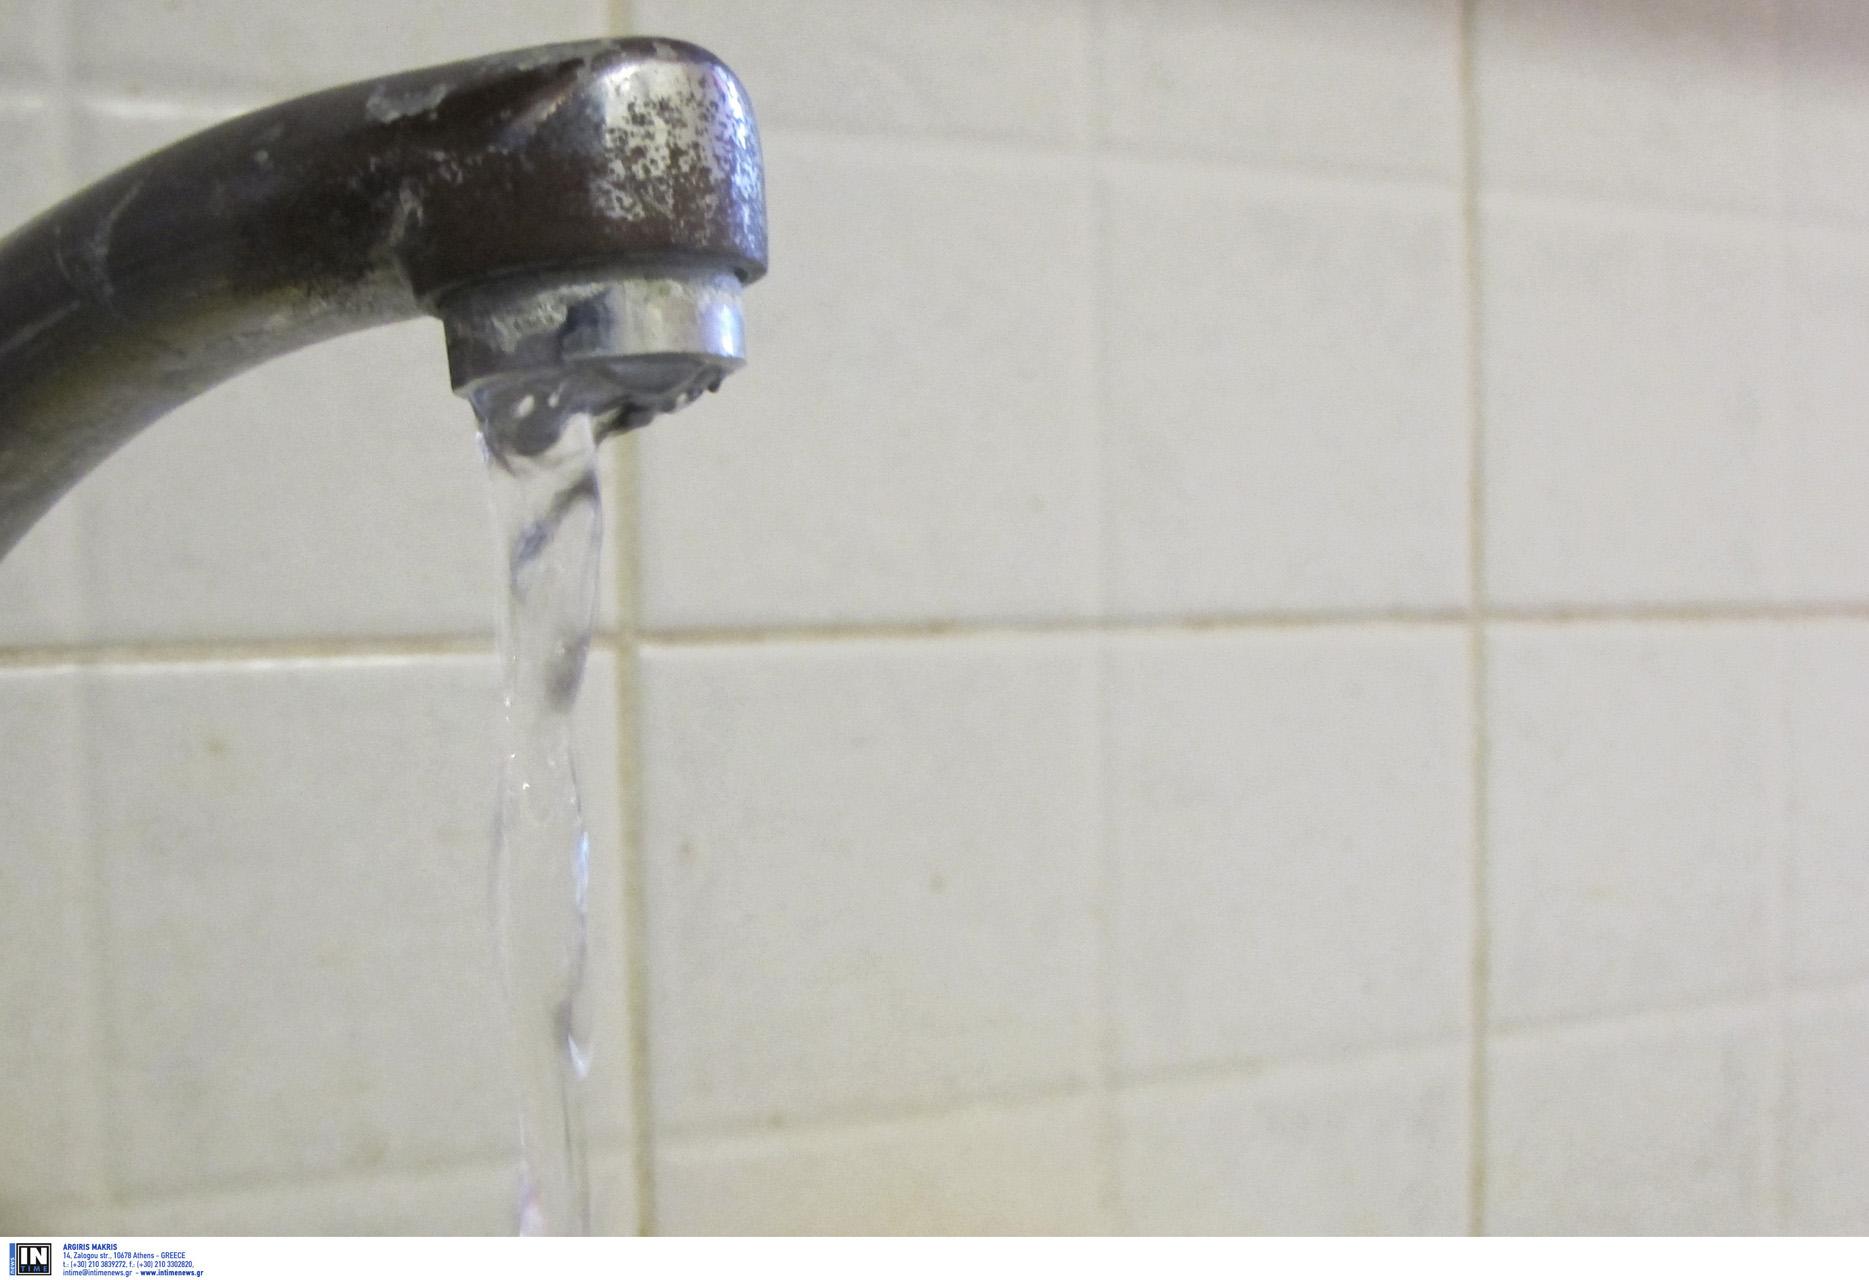 Προσοχή – Ακατάλληλο το νερό στο χωριό Ασκός του δήμου Λαγκαδά